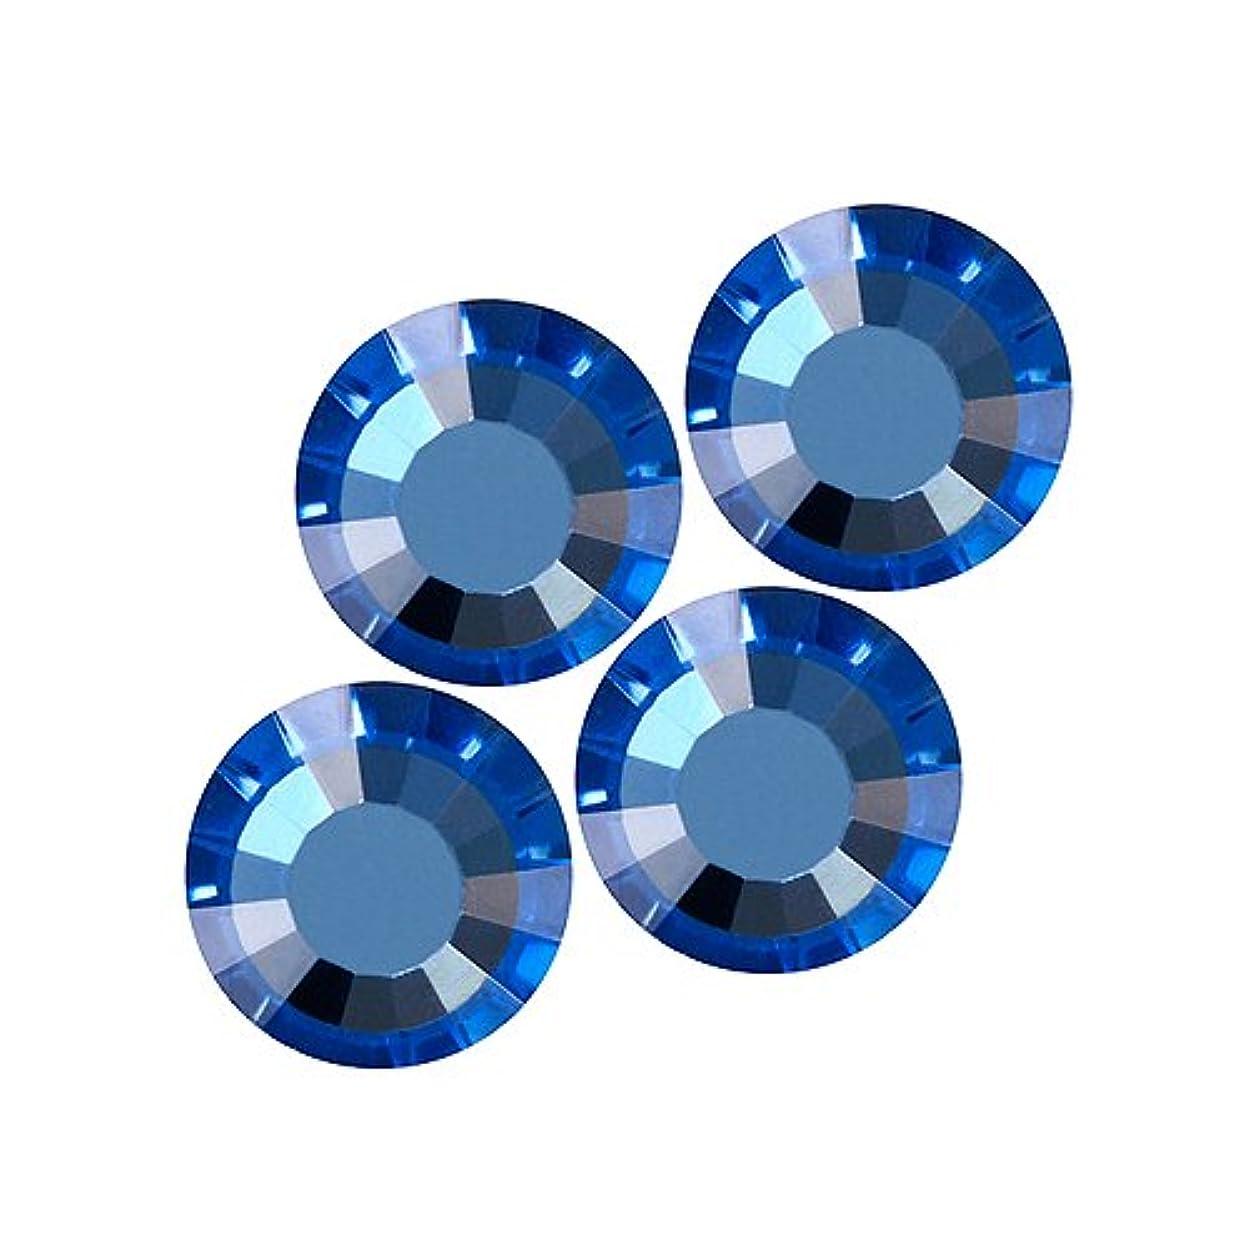 違法道を作る剃るバイナル DIAMOND RHINESTONE サファイアSS6 1440粒 ST-SS6-SAP-10G